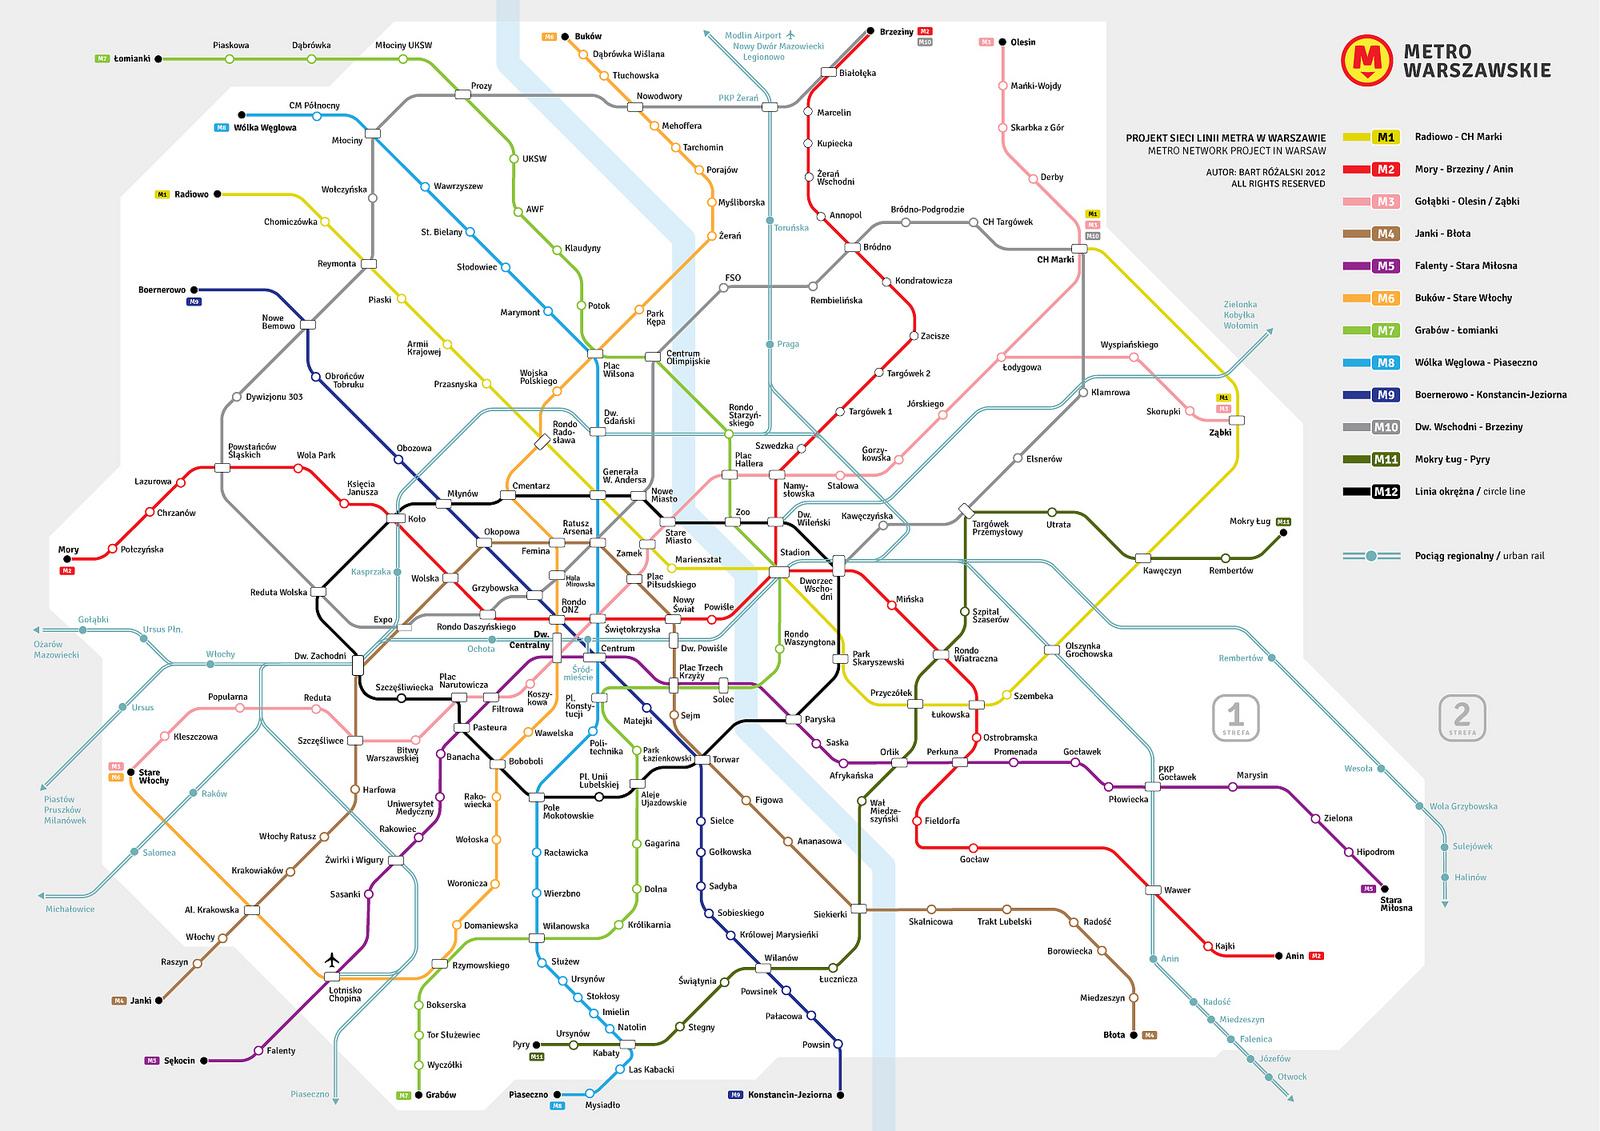 Военачальник шлюхи метро варшавская